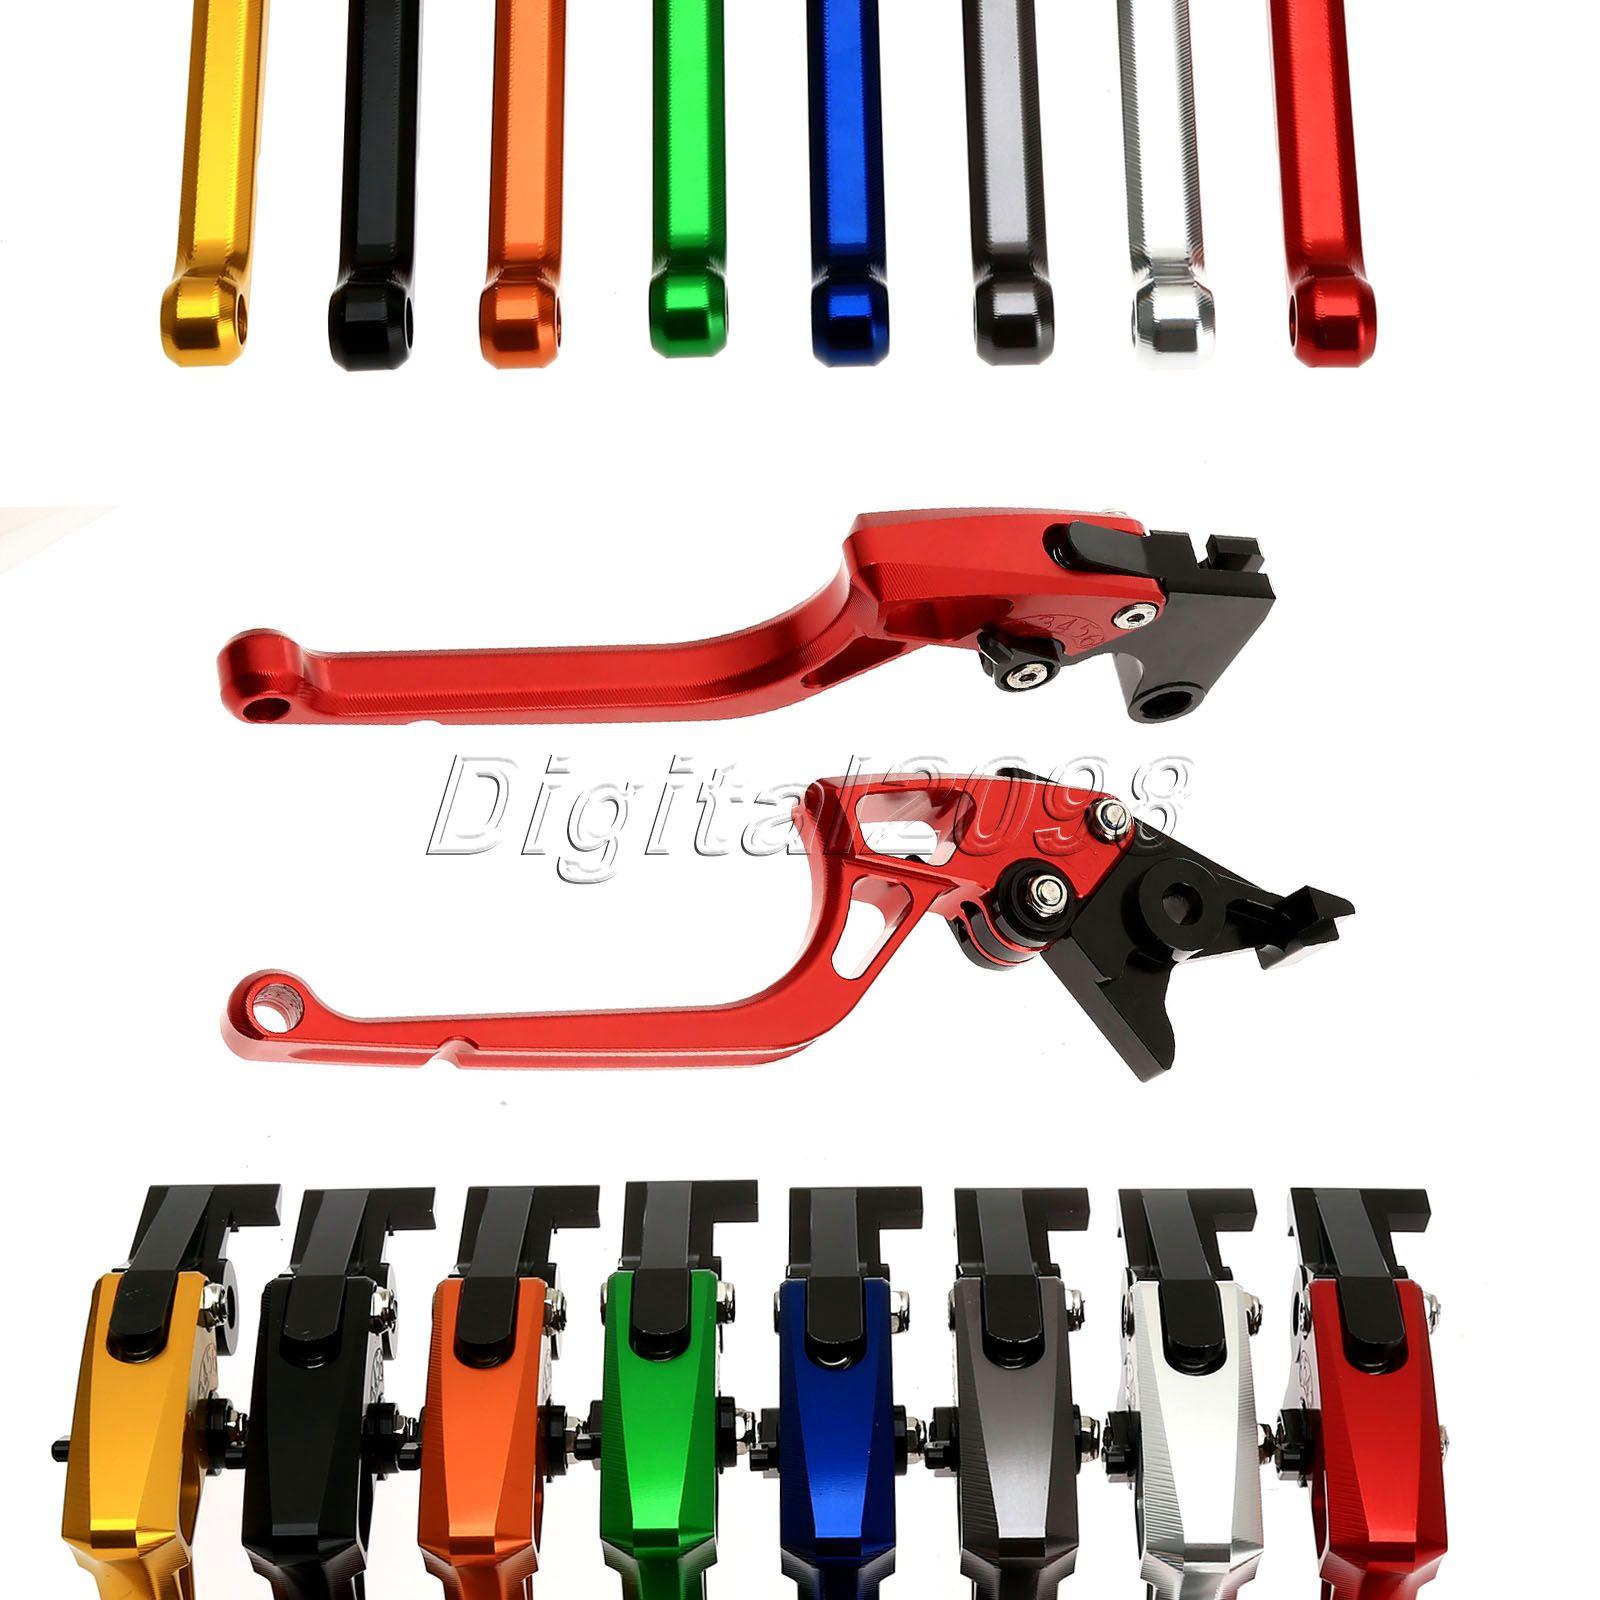 8 цветов ЧПУ тормозные рычаги сцепления Алюминиевый Регулятор мотоцикл тормозные рычаги для BMW F800GS/F800R/F800GT/F800ST/F800S/F700GS/F650GS